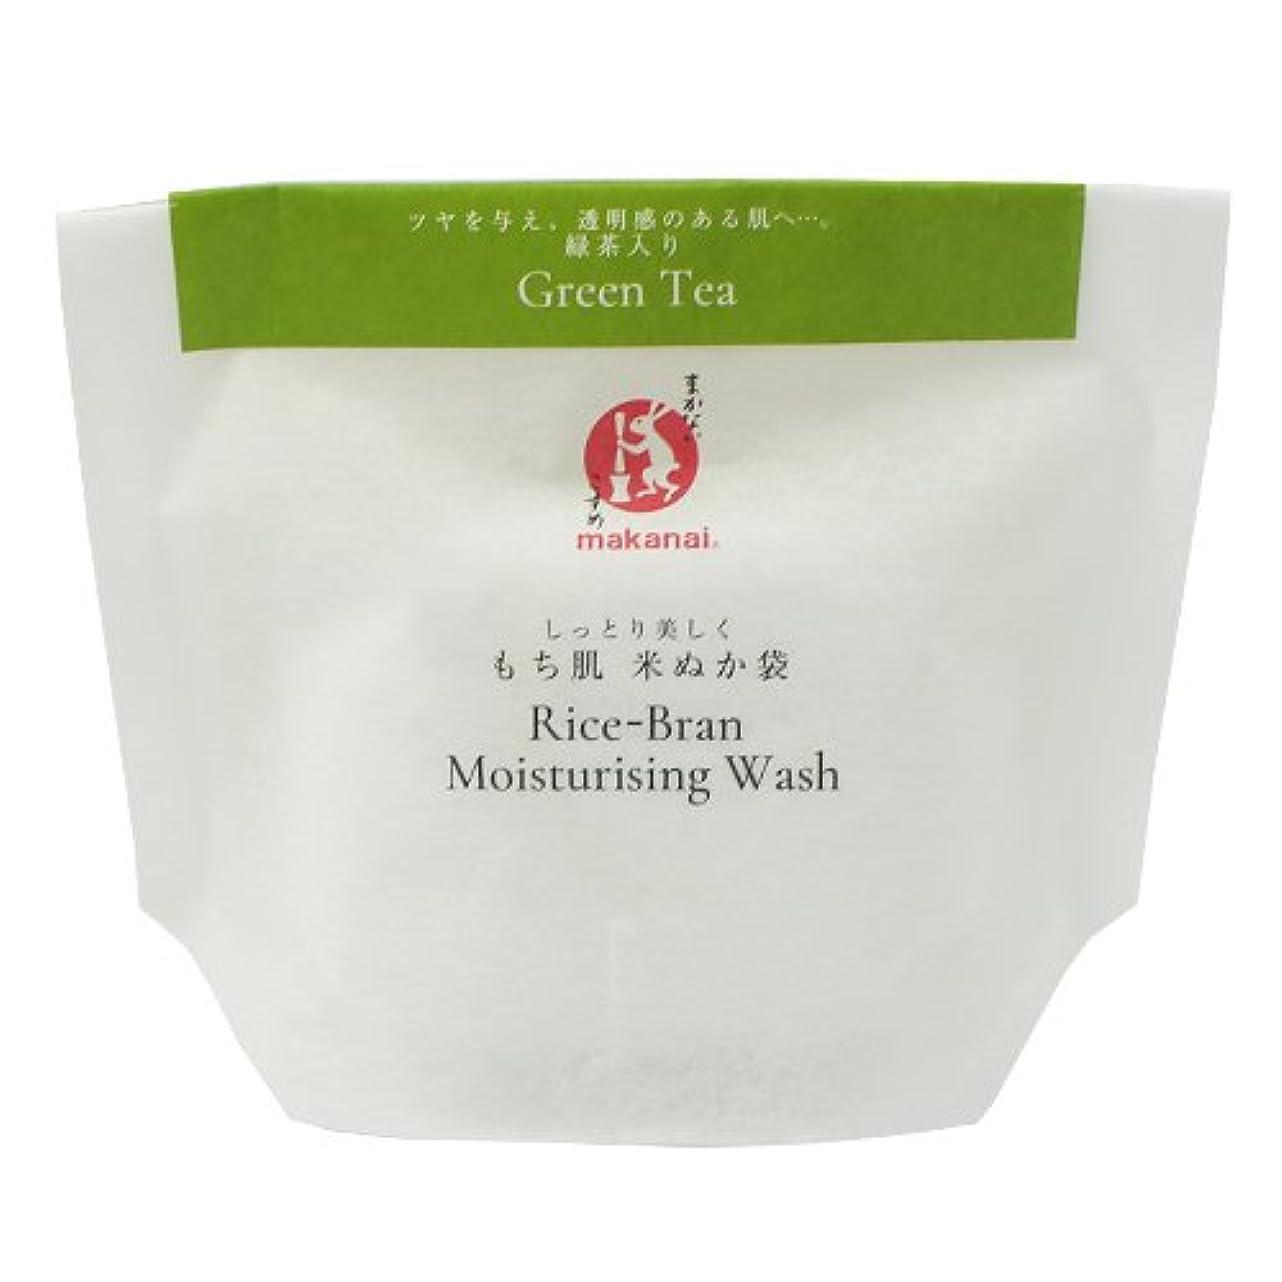 エージェント広大な同化まかないこすめ もち肌米ぬか袋(緑茶)27g